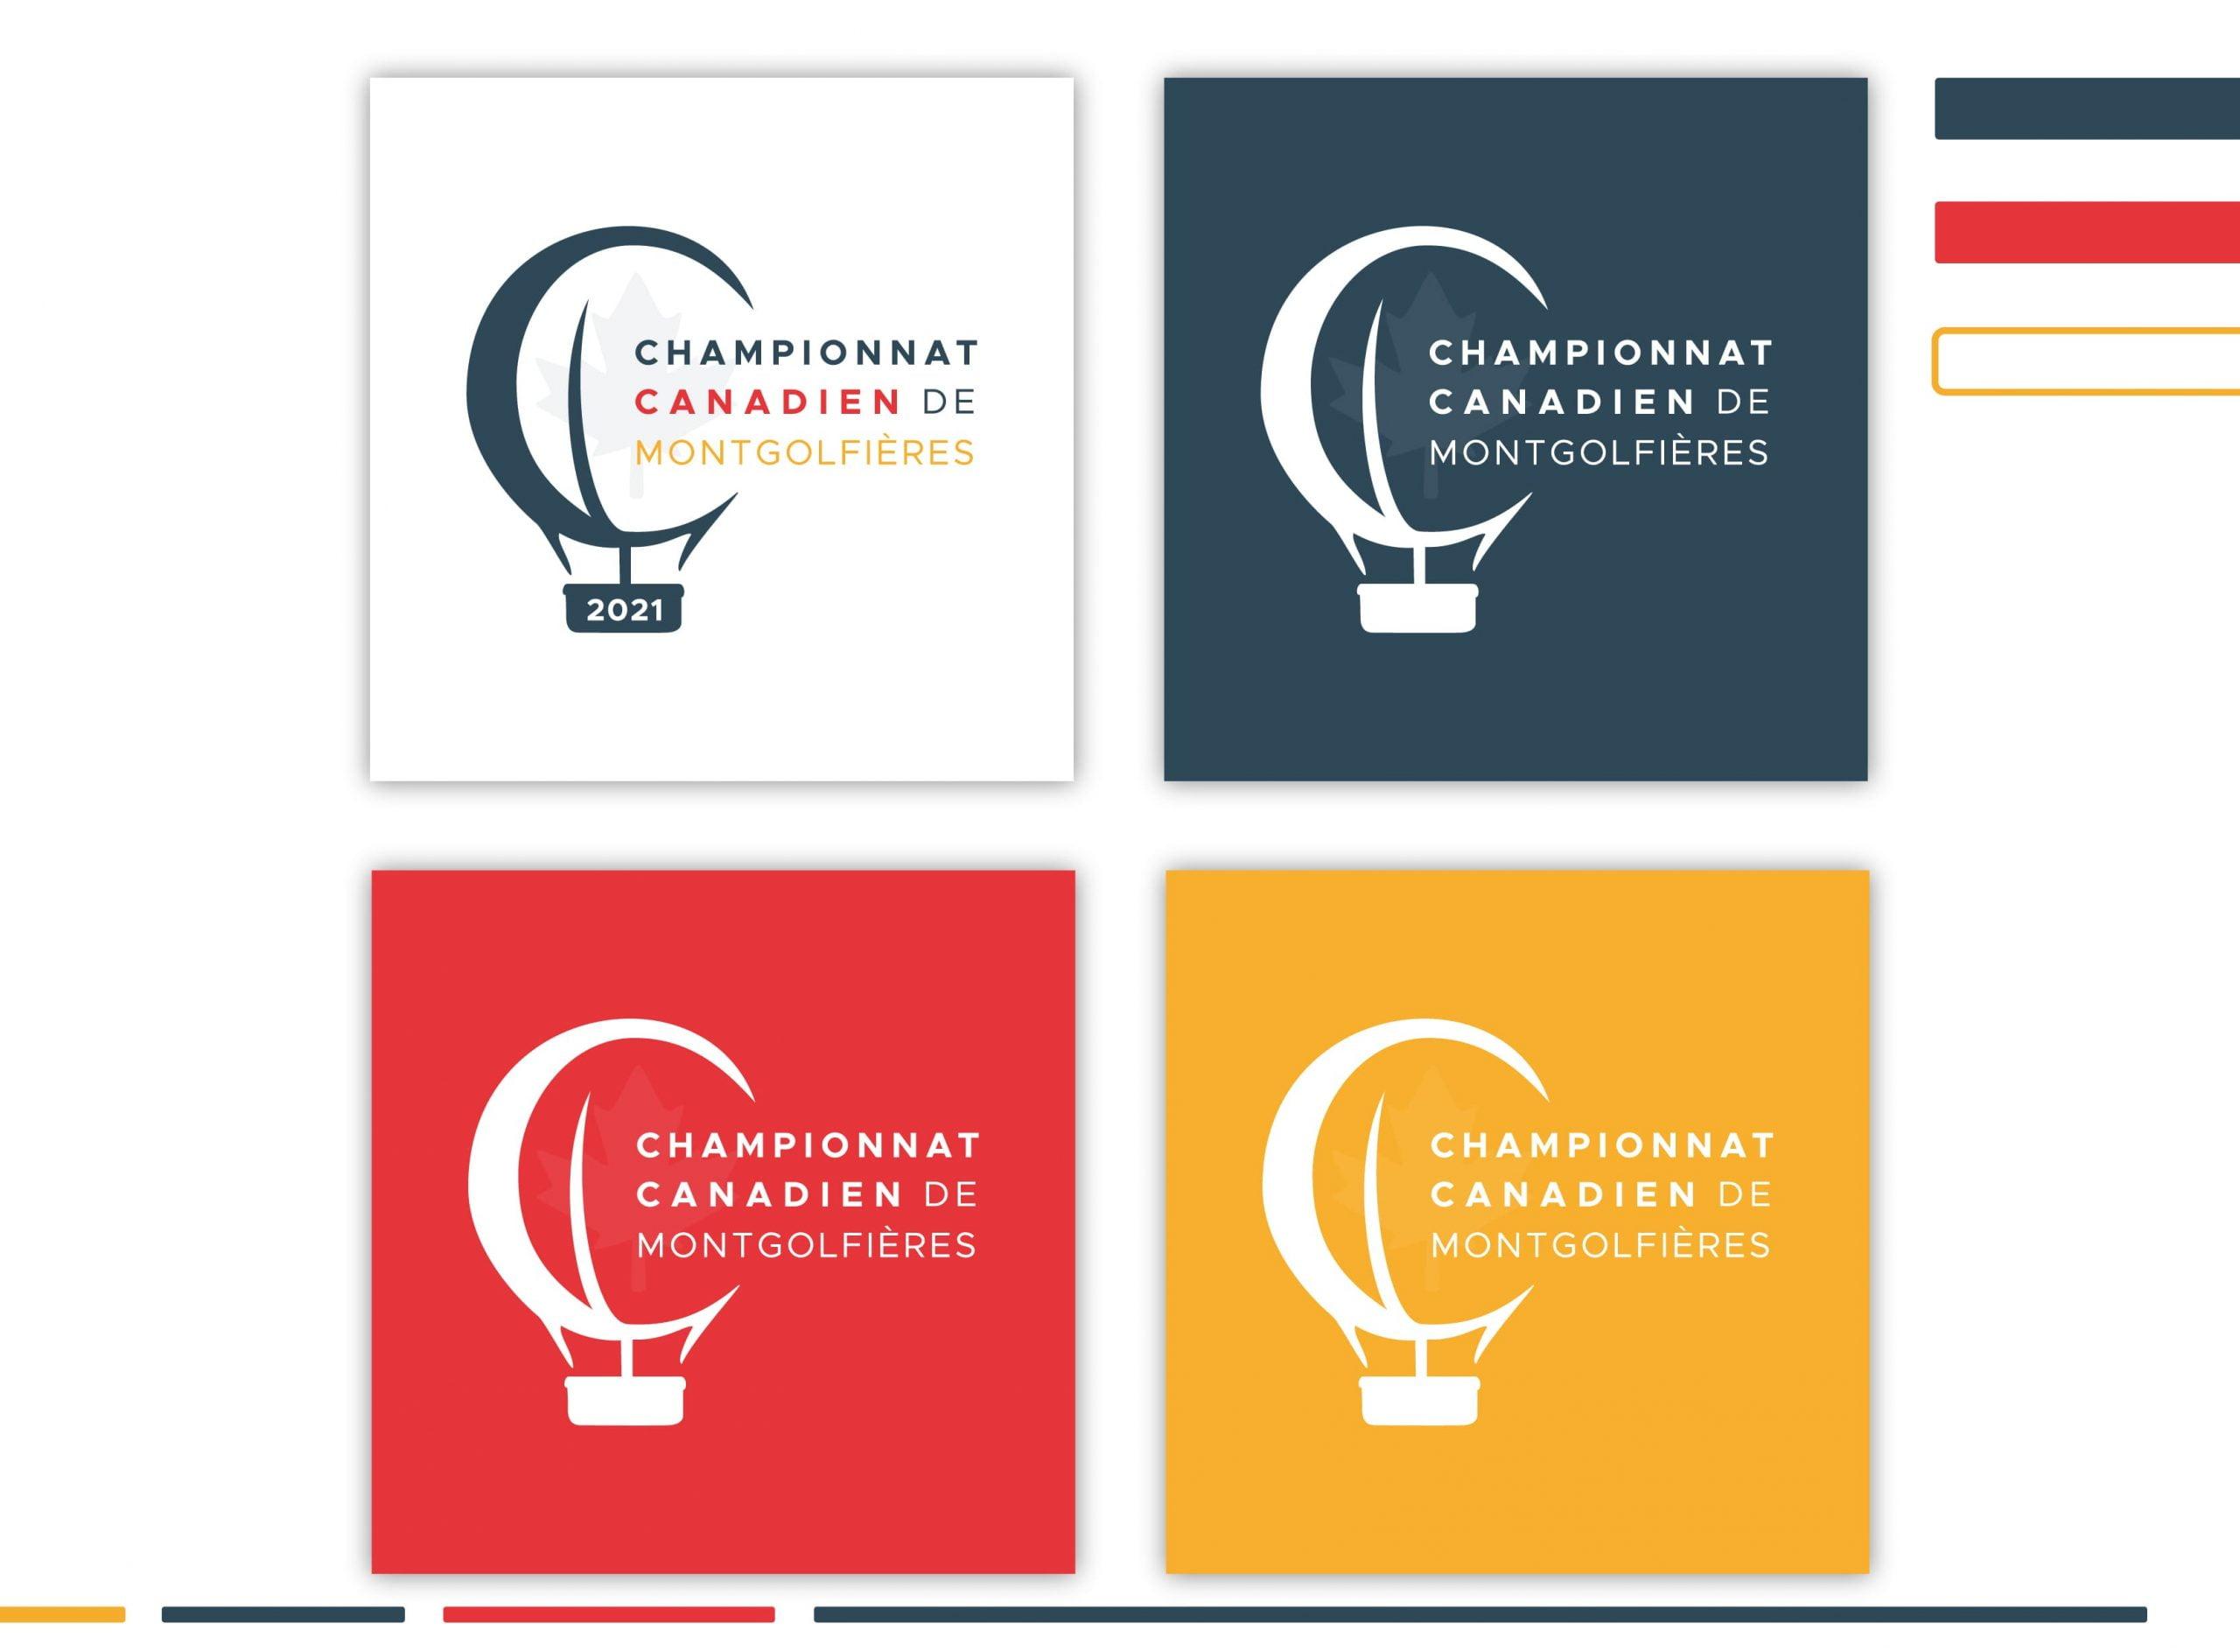 Championnat Canadien de Montgolfières - création image de marque - déclinaisons